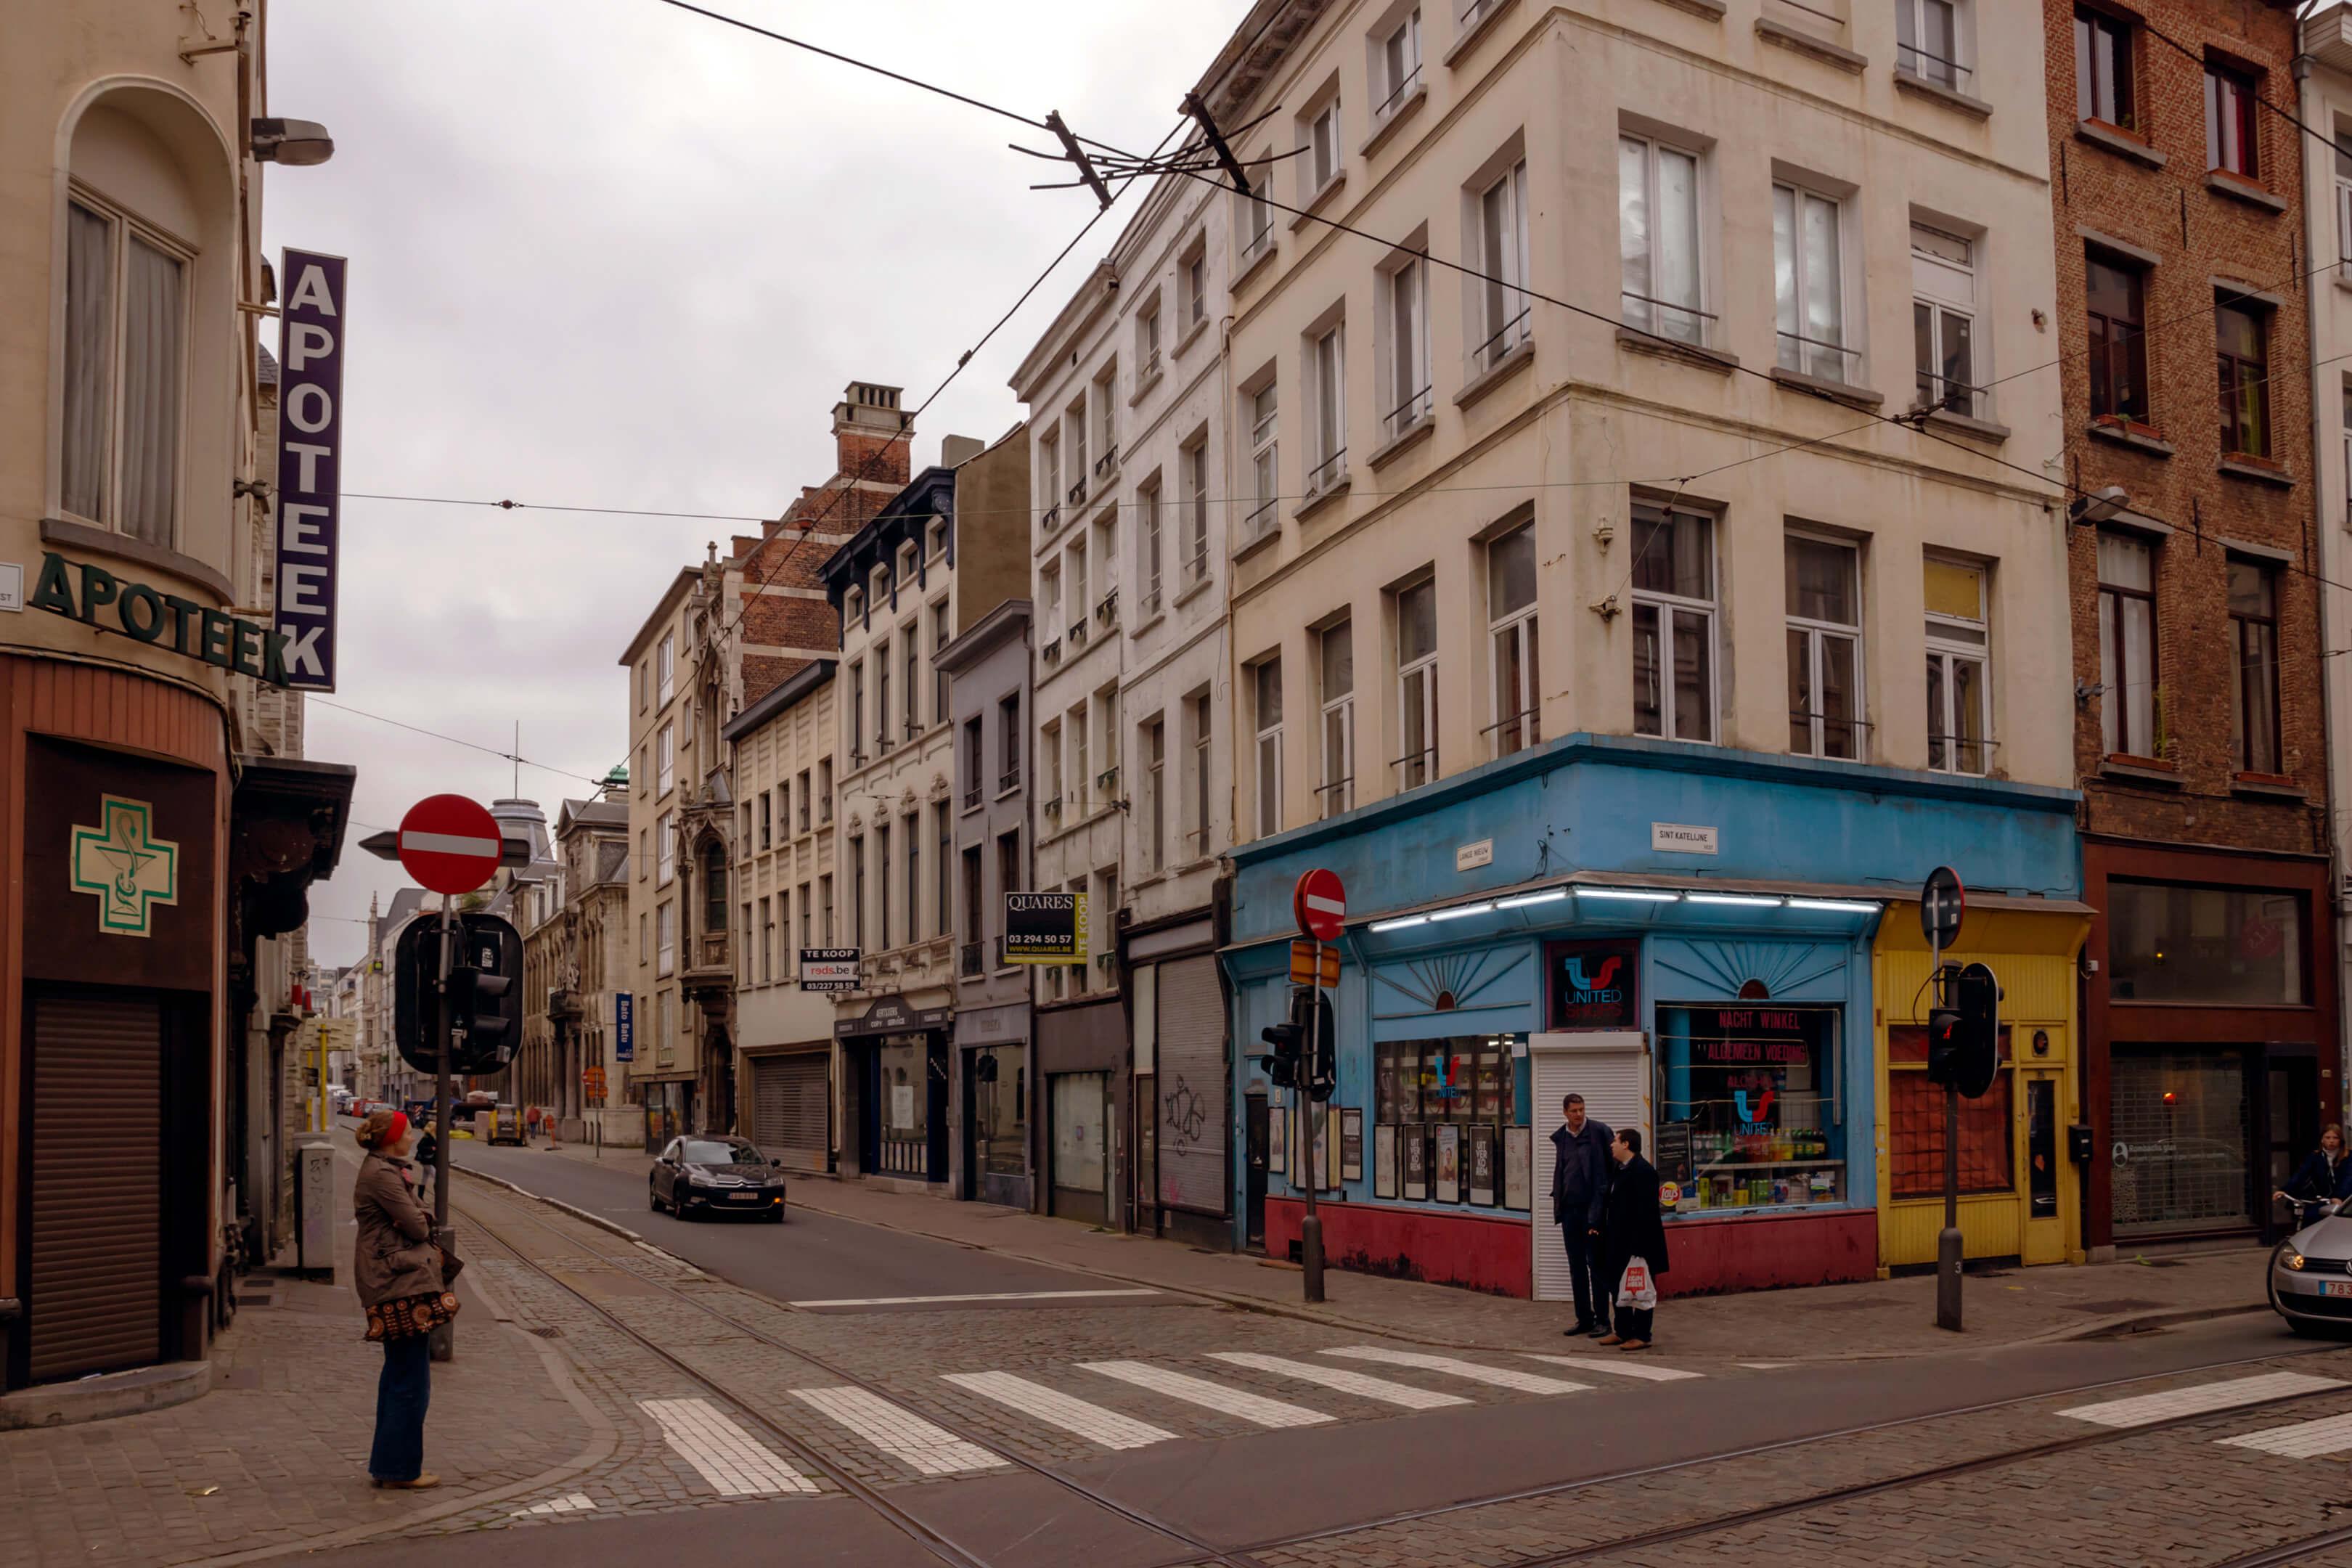 Foto van de hoek van de Lange Nieuw Straat en het Sint Katelijne Vest in Antwerpen als voorbeeld voor een locatie voor meerdere fotografen 1 model.